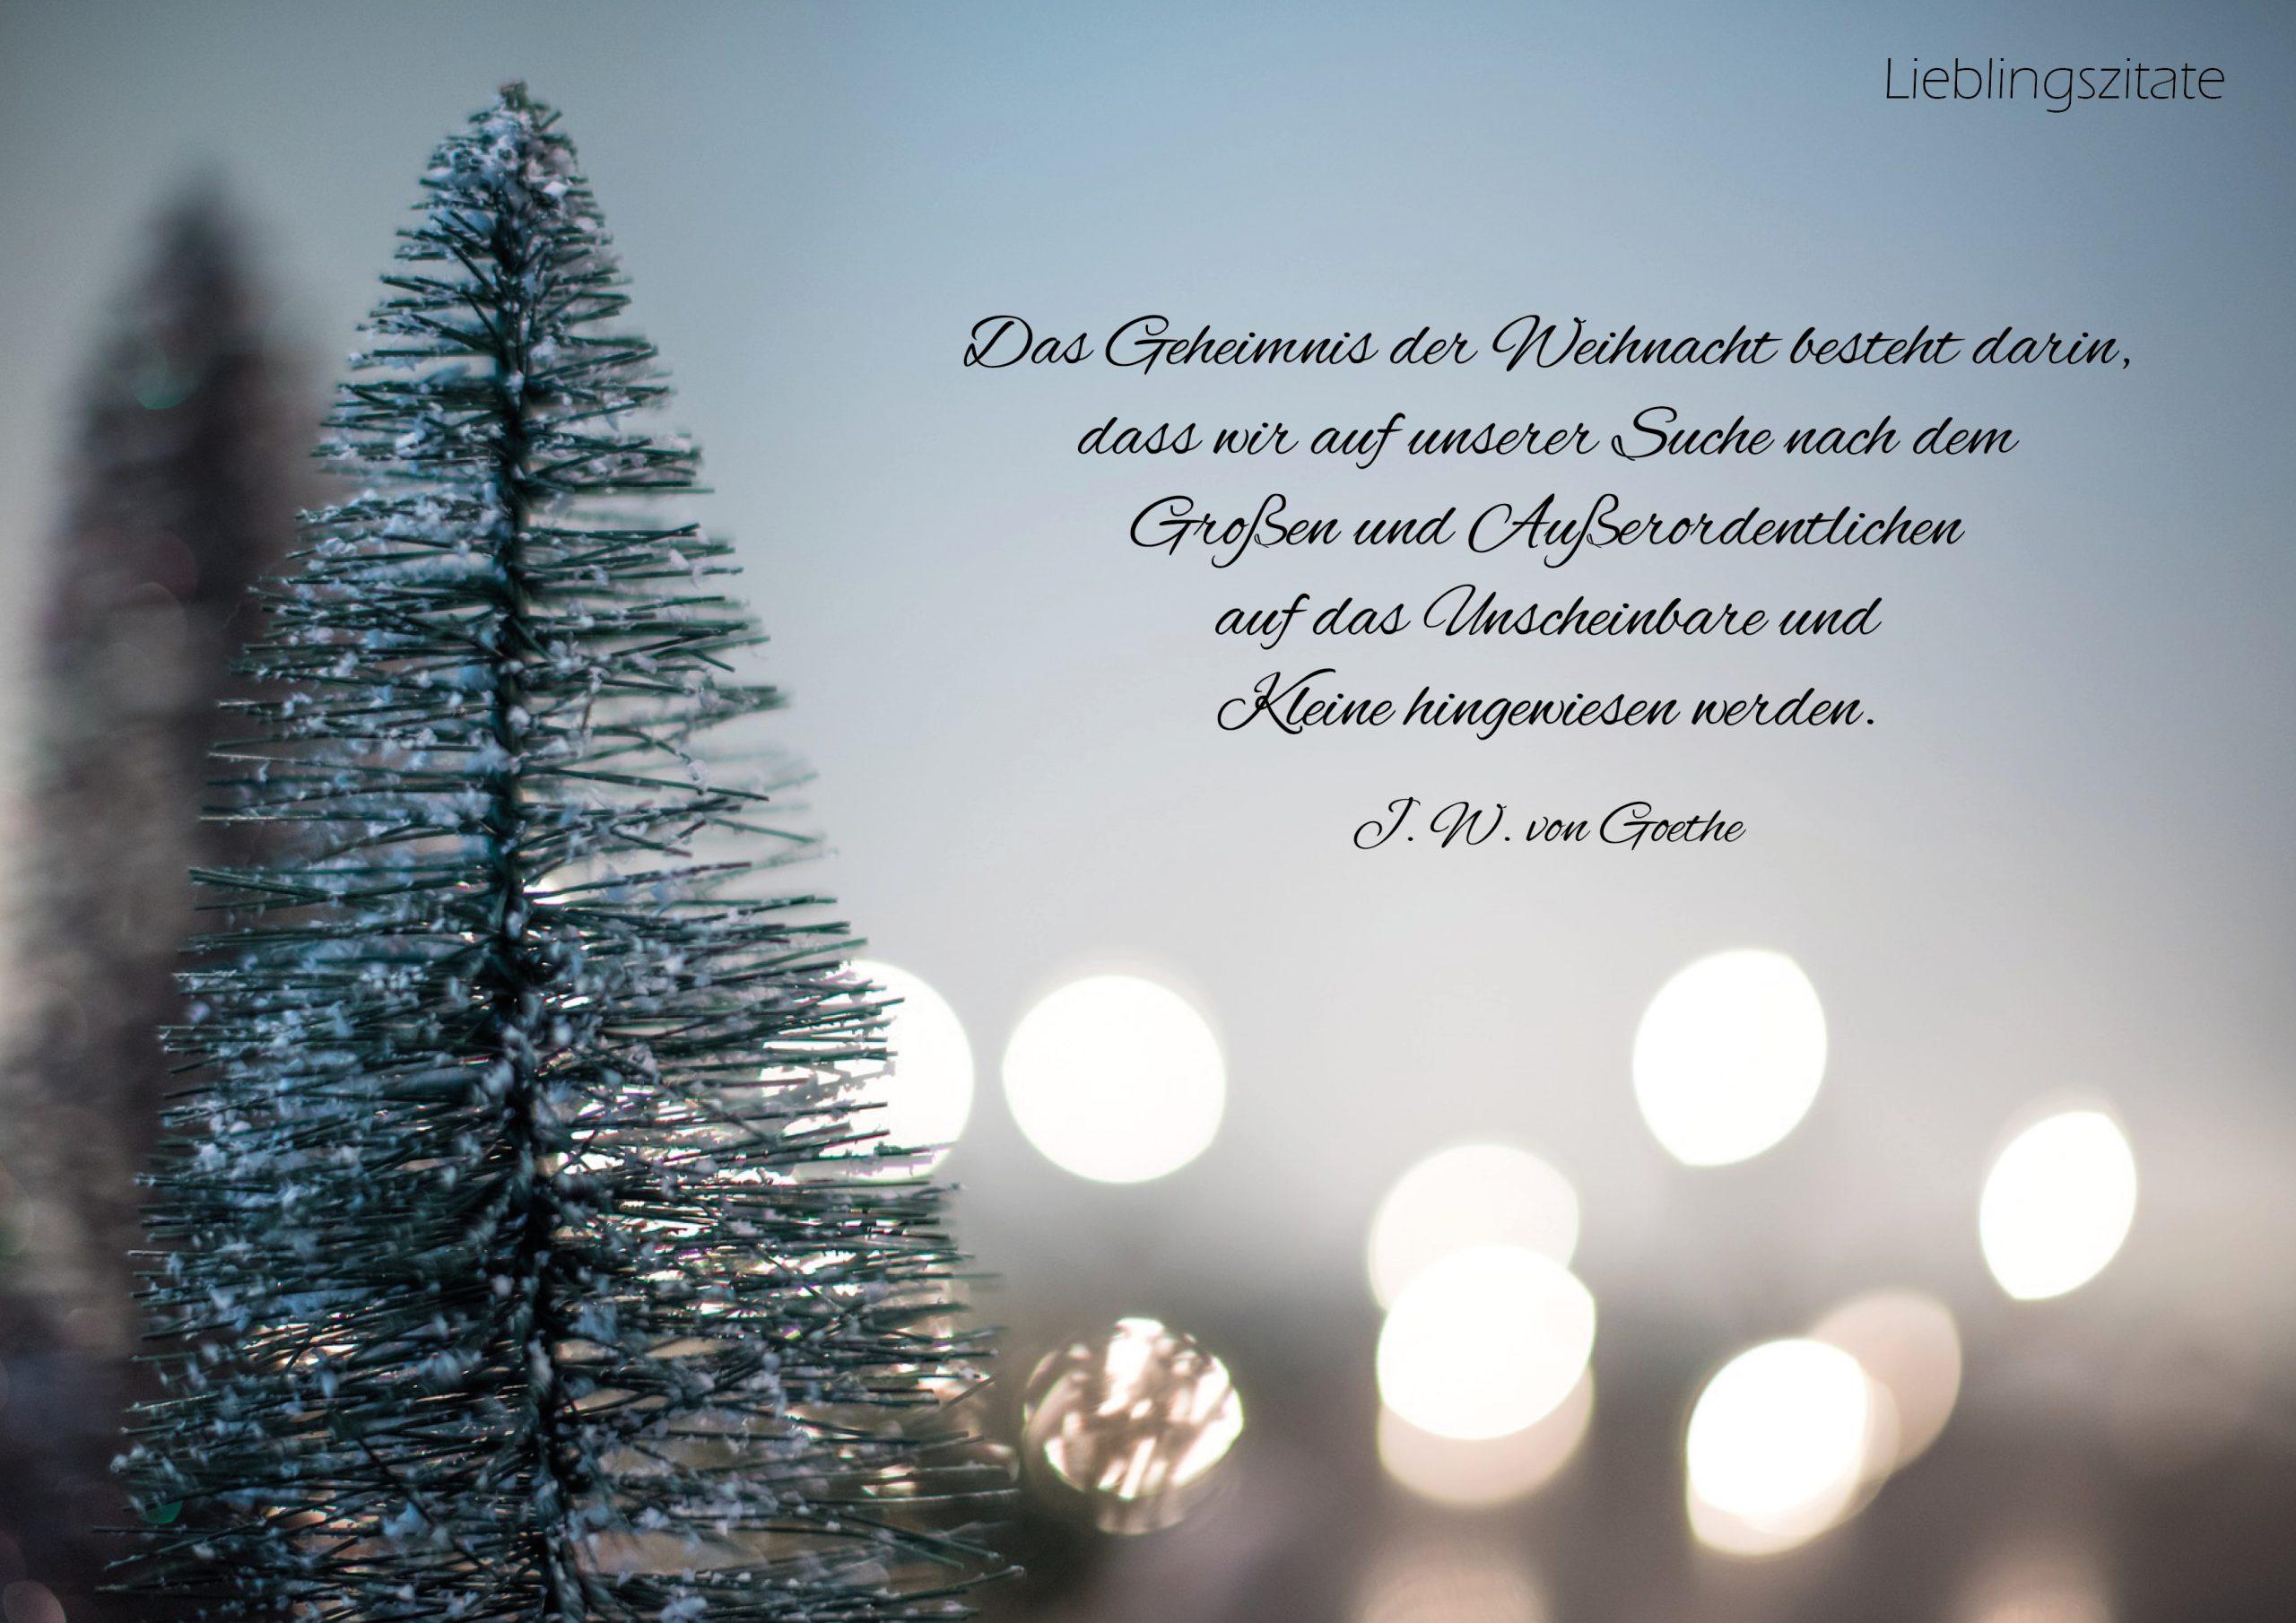 Zitat von Johann Wolfgang von Goethe